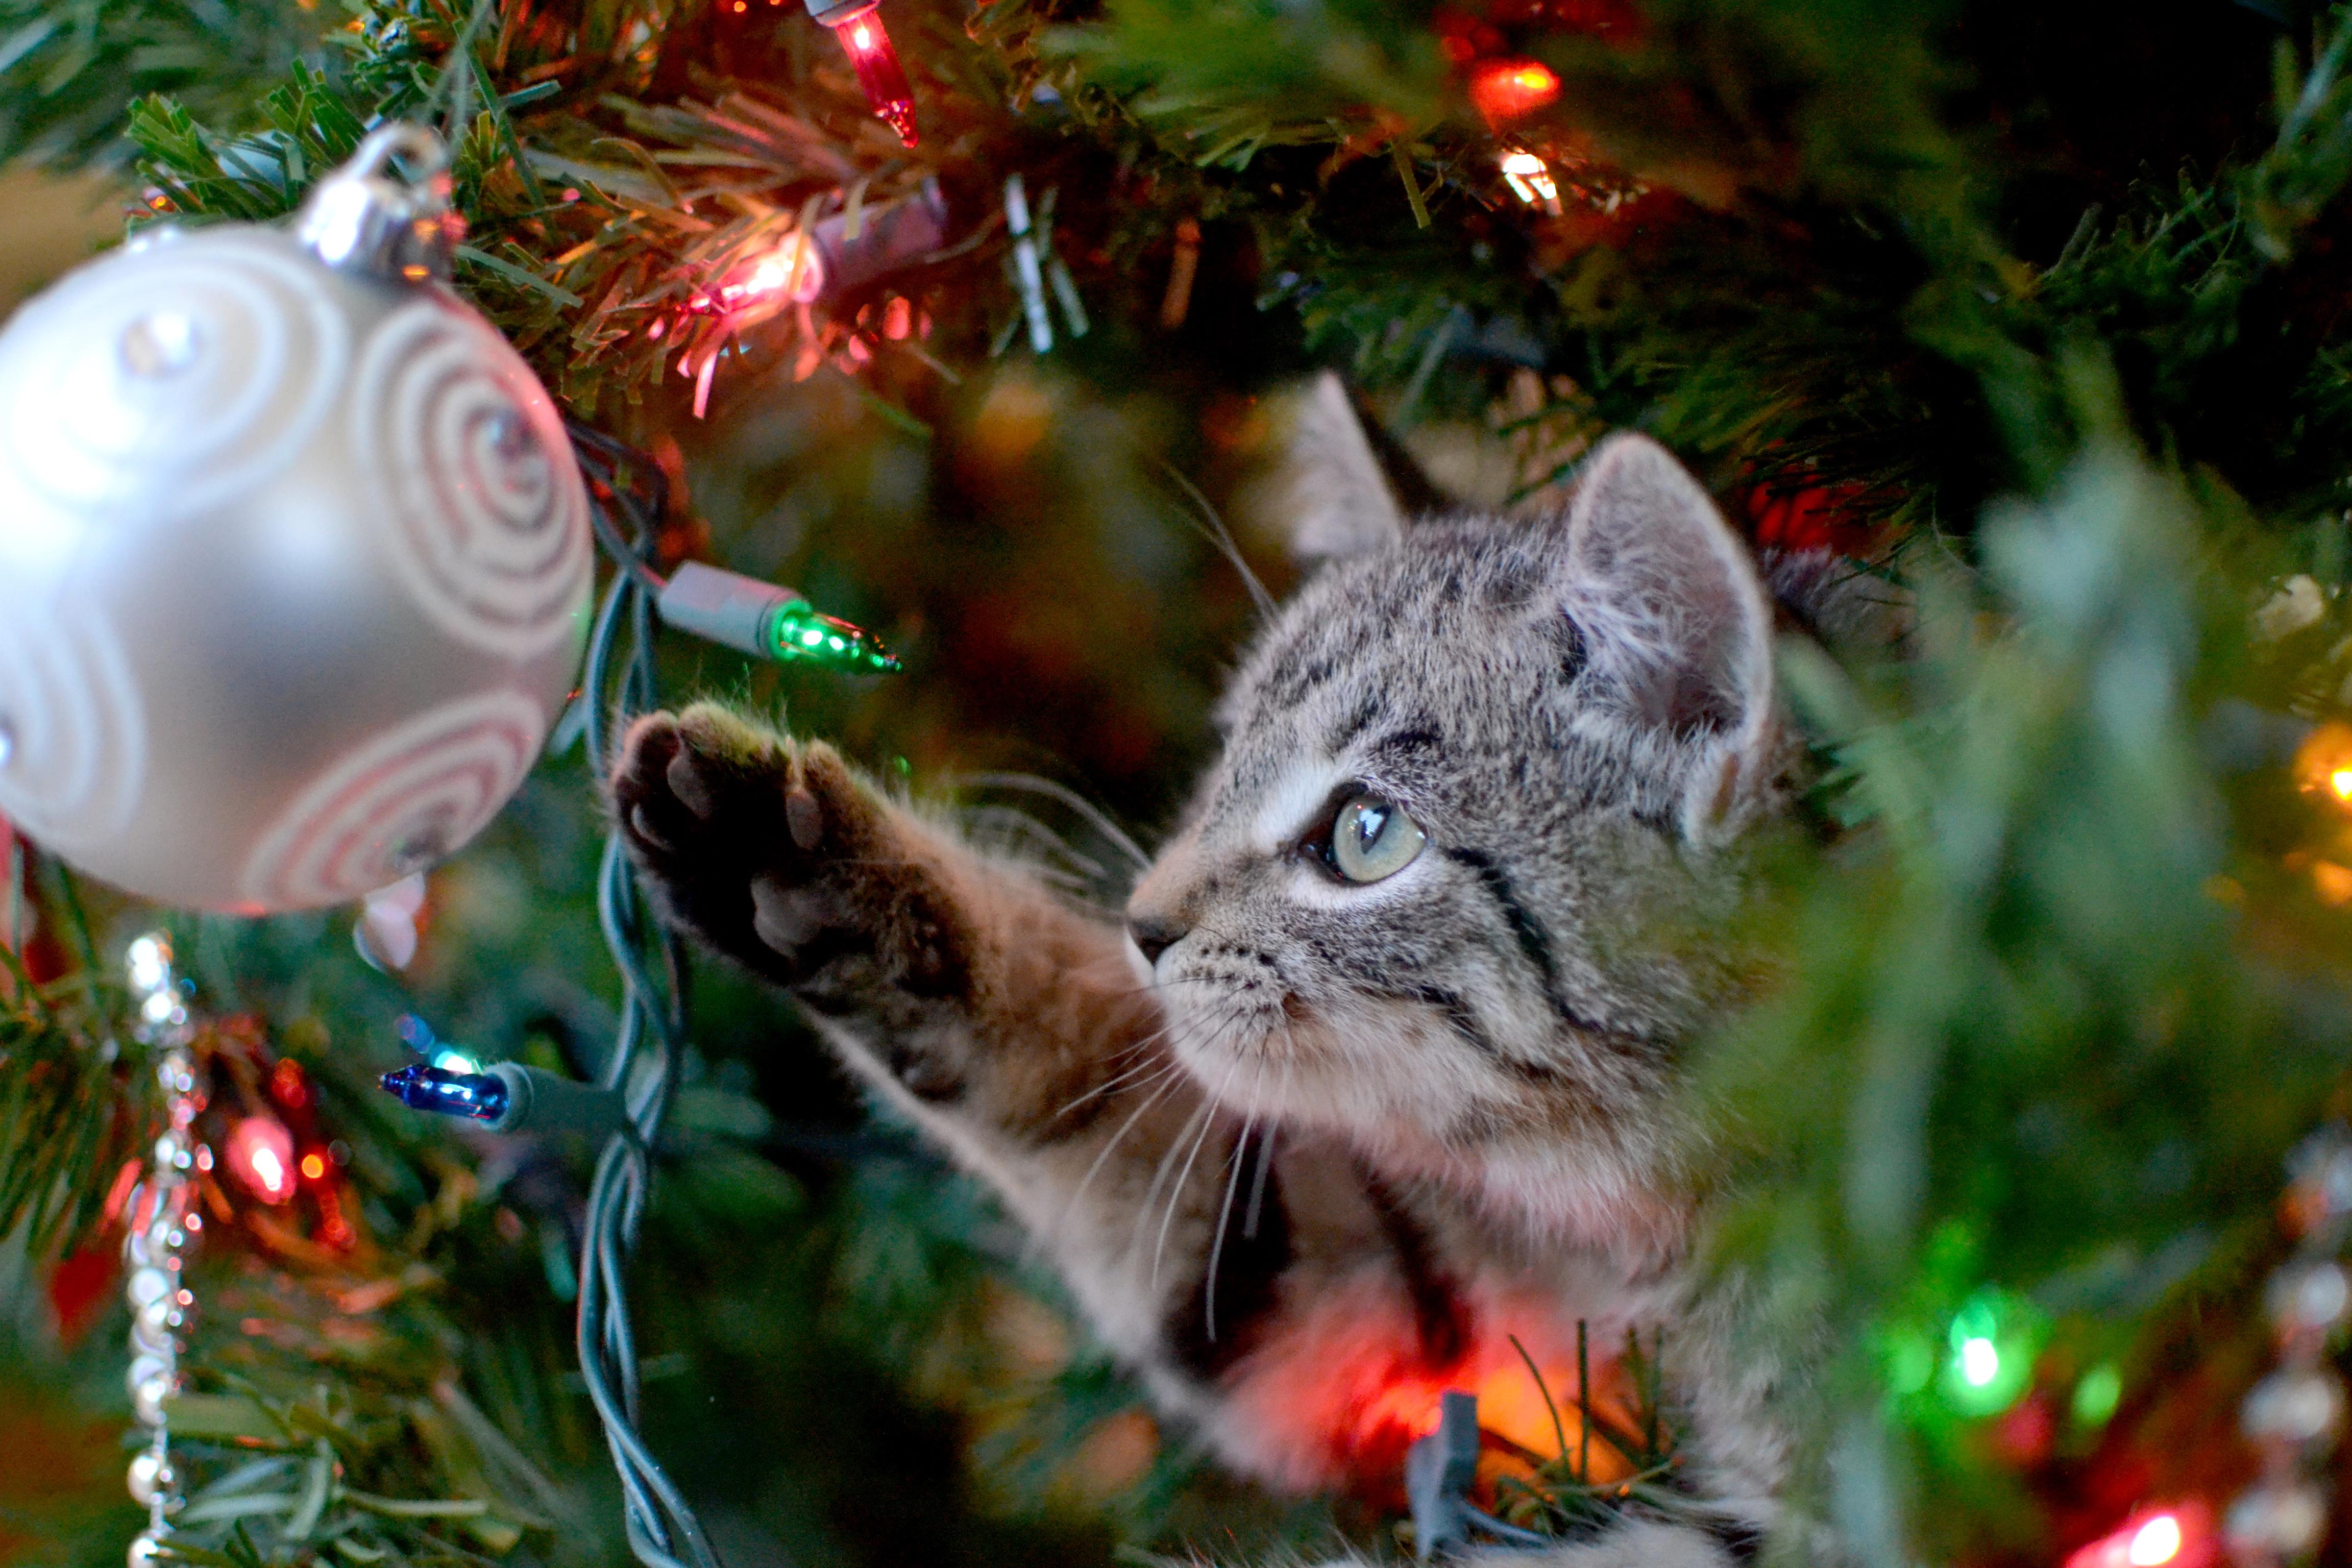 Genom att tänka till innan kan de flesta av julens faror undanröjas och katterna kan njuta lika mycket av julen som resten av familjen.